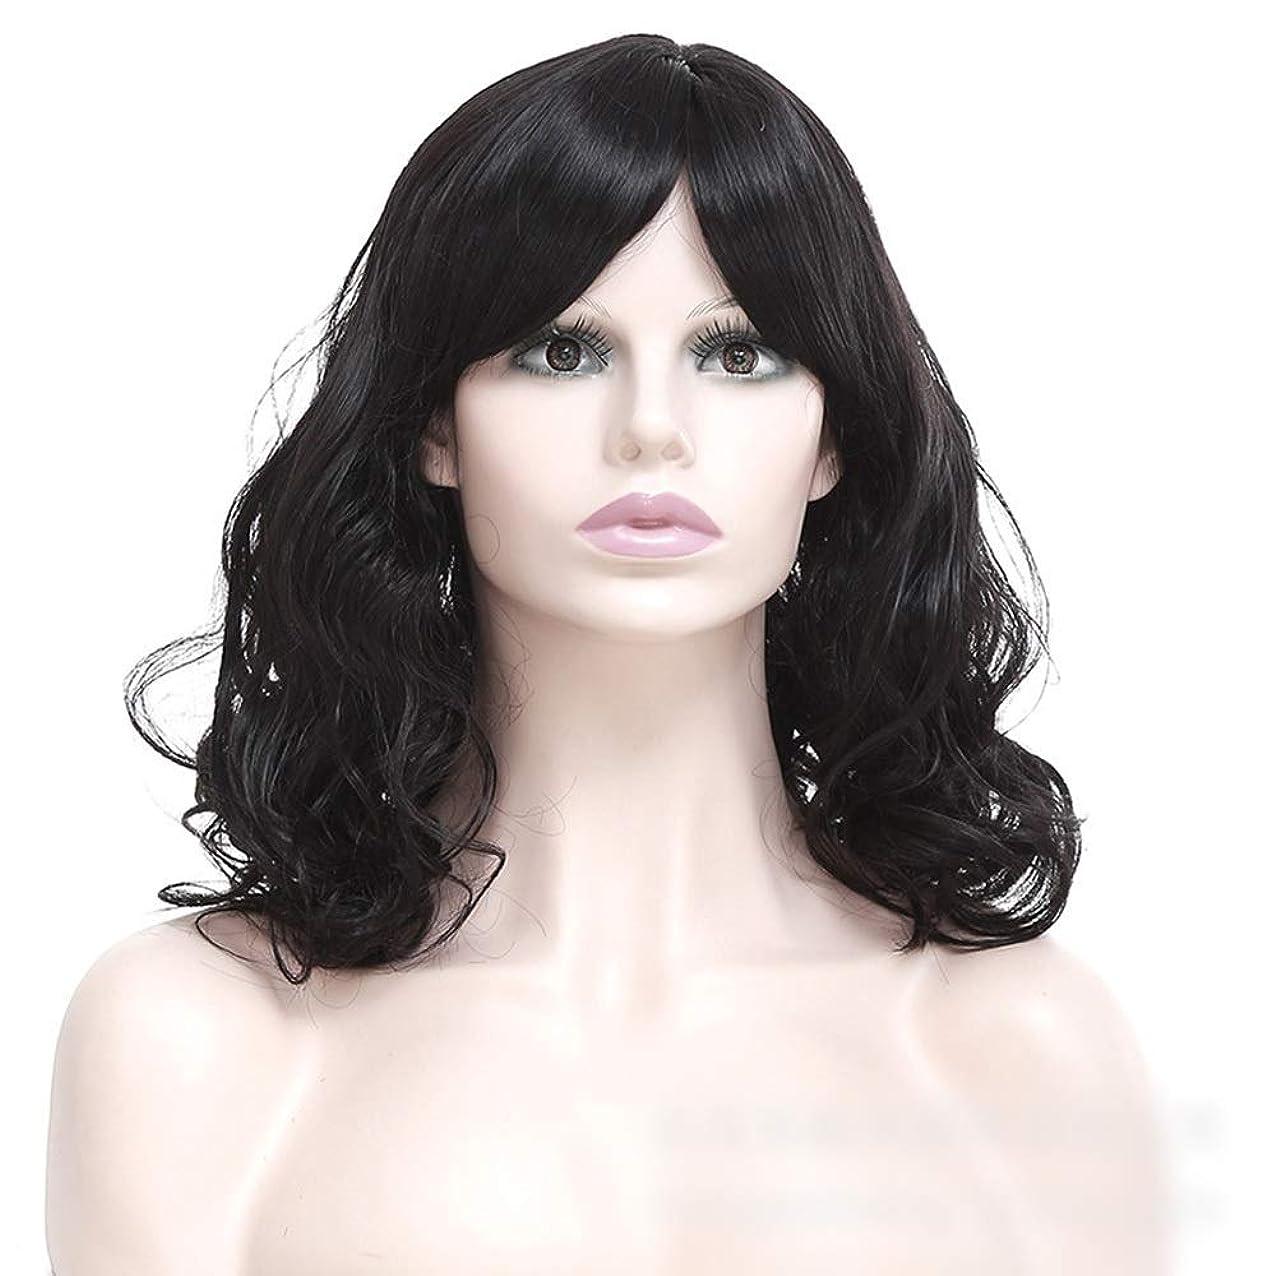 厚くするアンデス山脈コンピューターを使用するWASAIO 女性の短い巻き毛のかつら髪黒ふわふわの短い巻き毛 (色 : 黒)